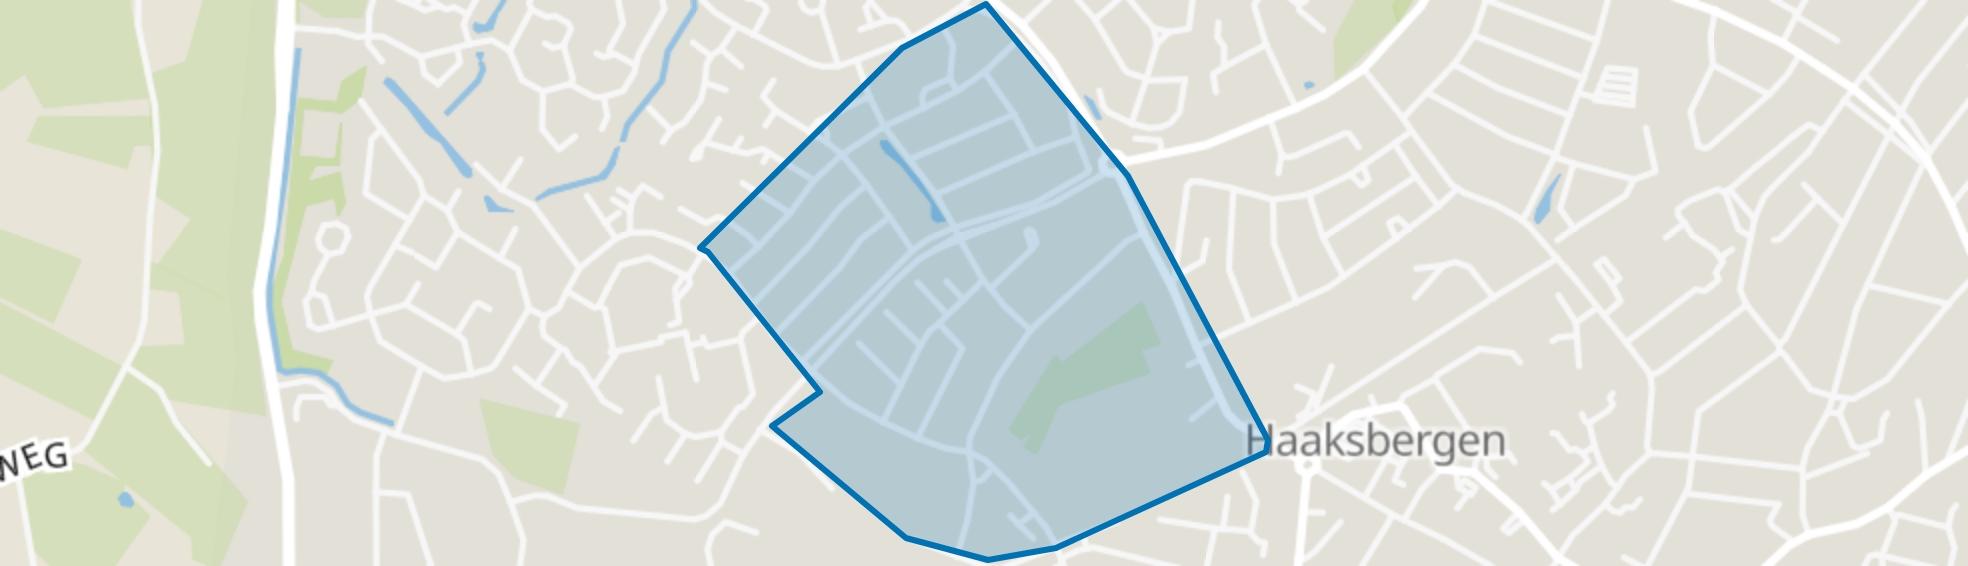 Zienesch, Haaksbergen map